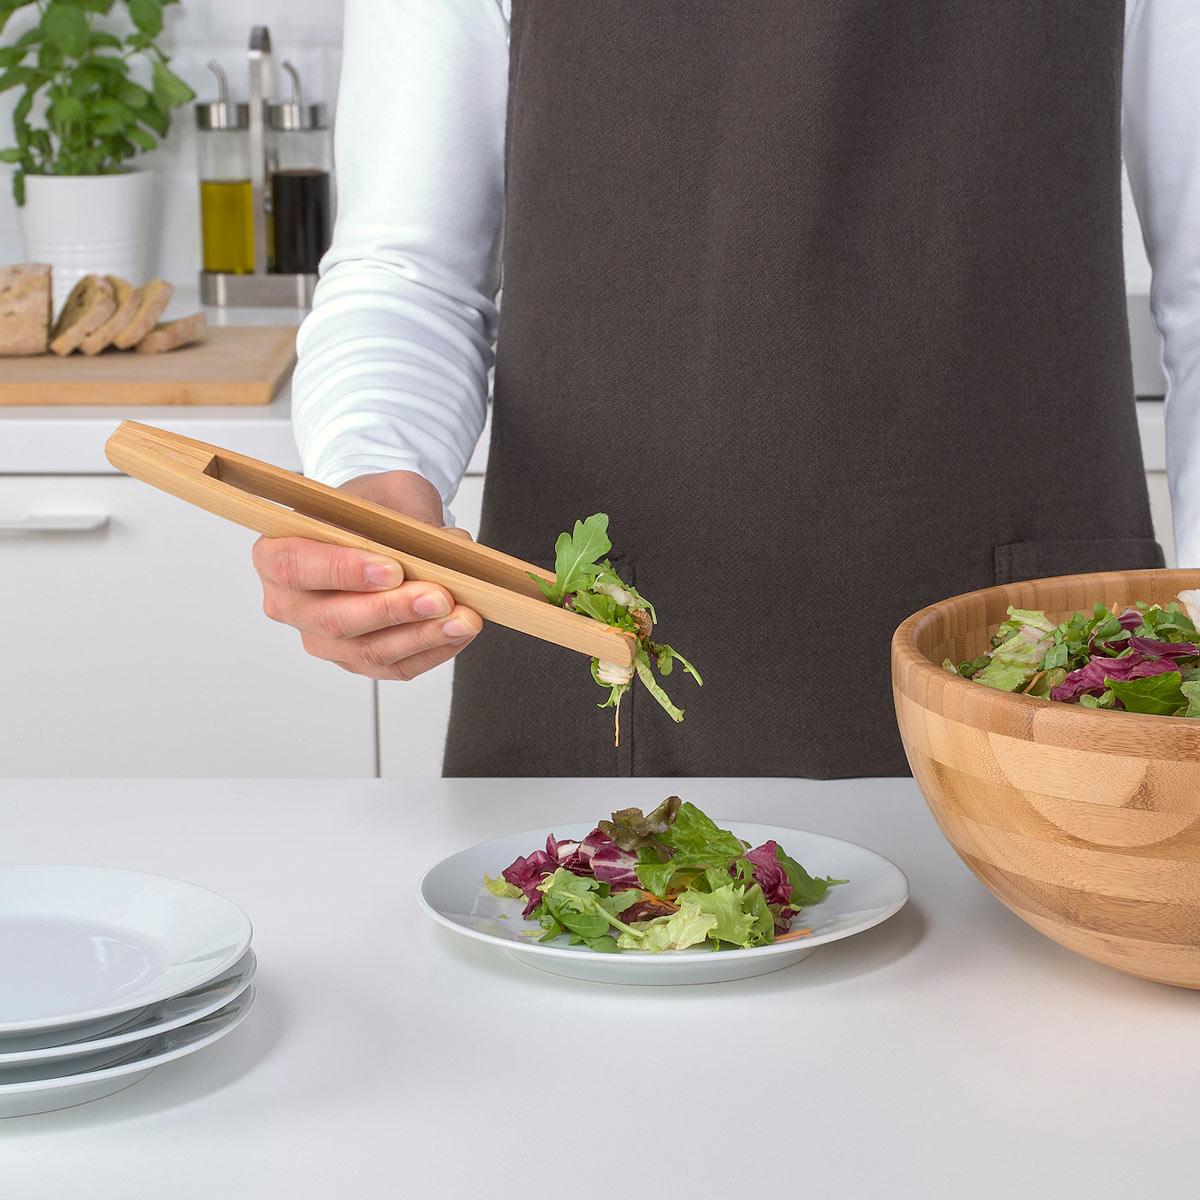 la pinza in bambù OSTBIT di IKEA